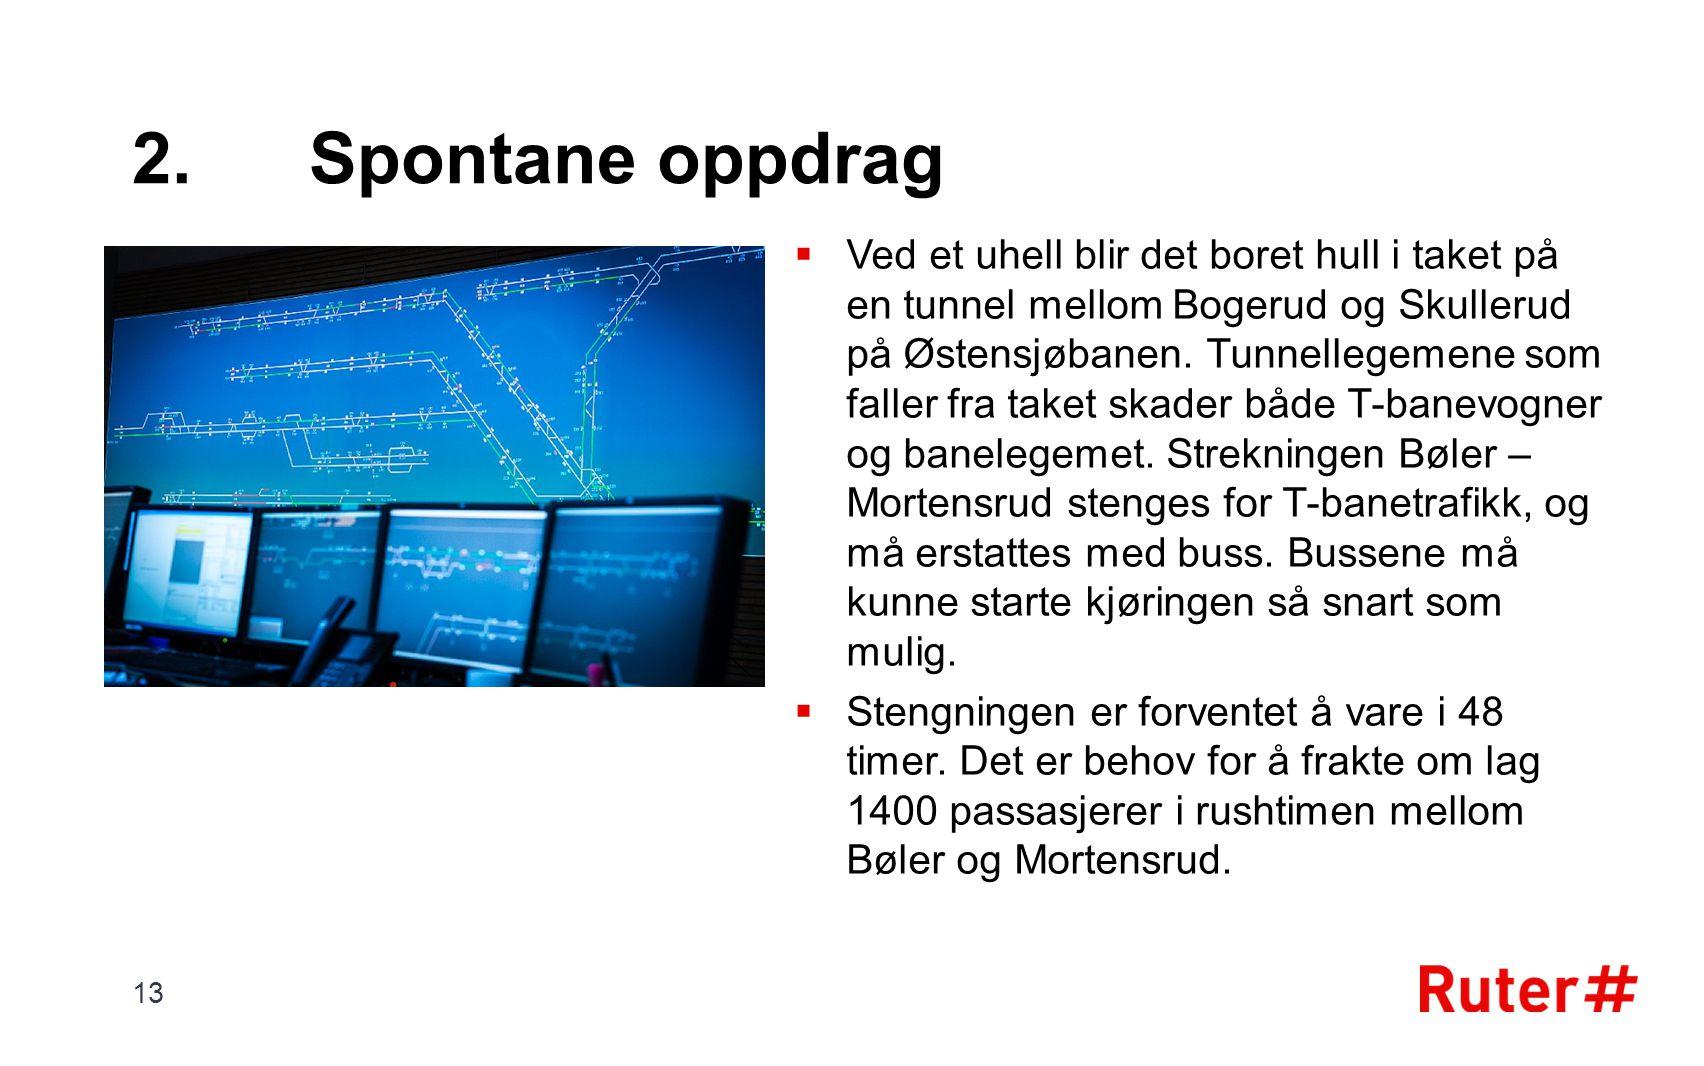 2. Spontane oppdrag